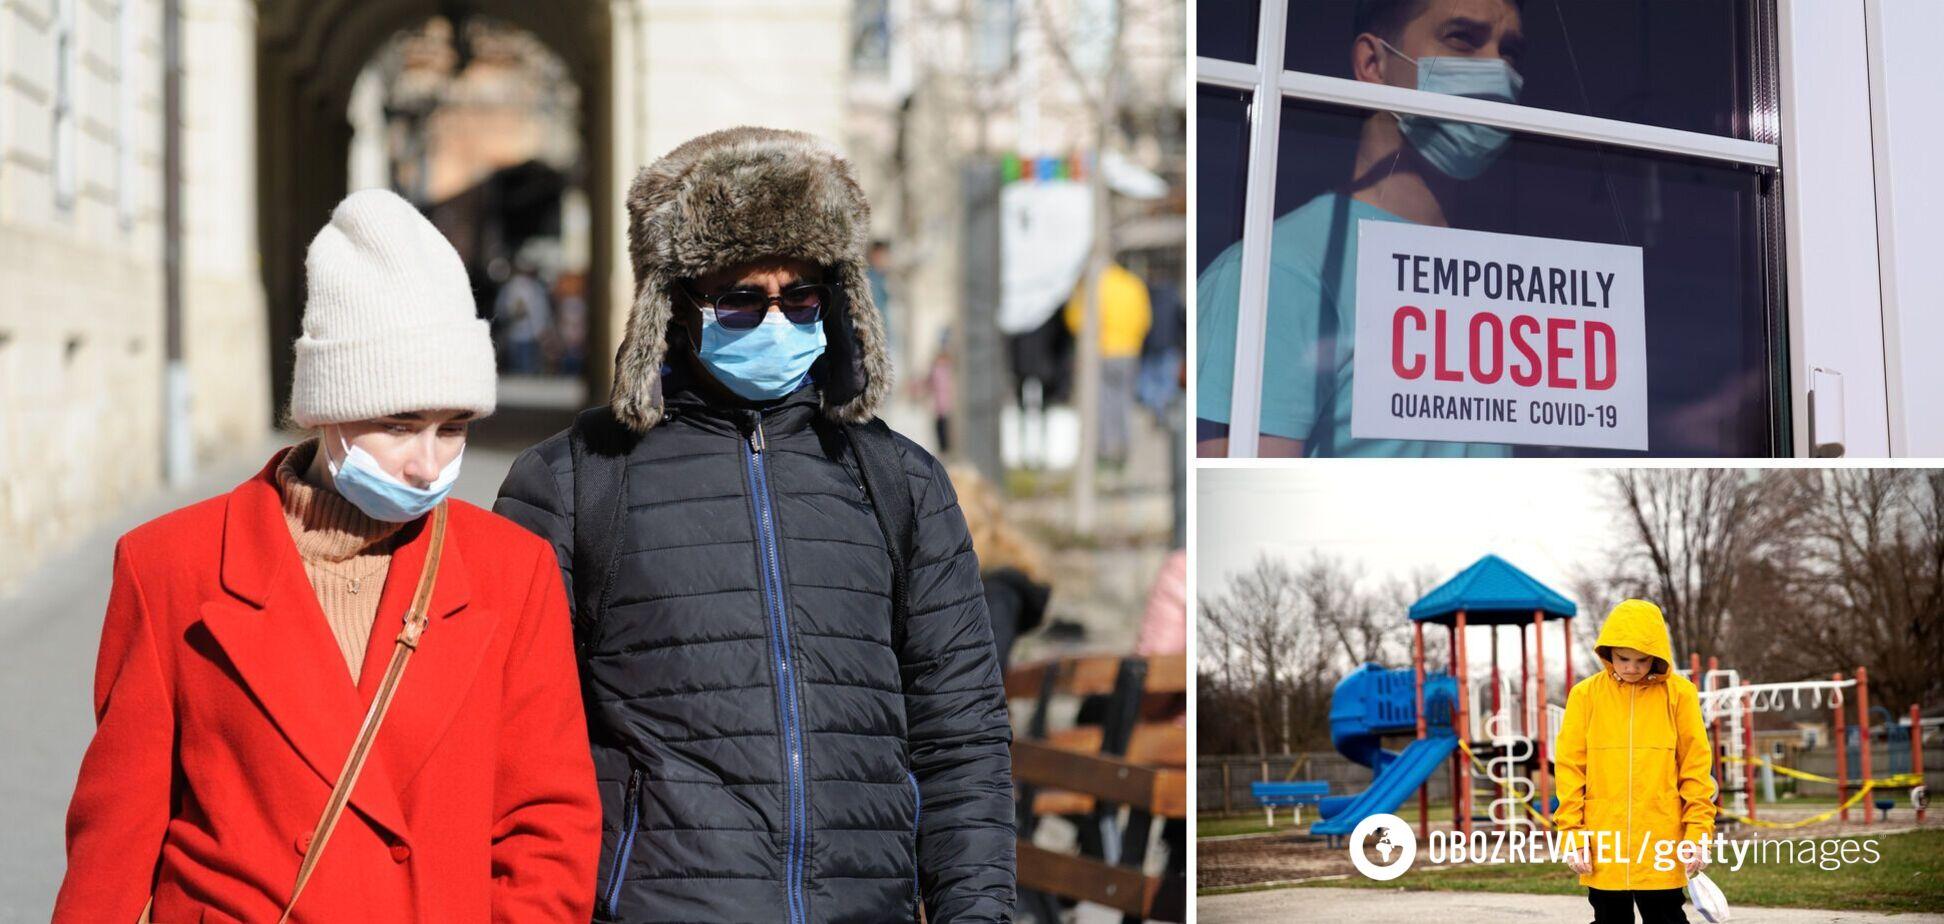 Херсонская область и еще три города в Украине усилили карантин: что запретили